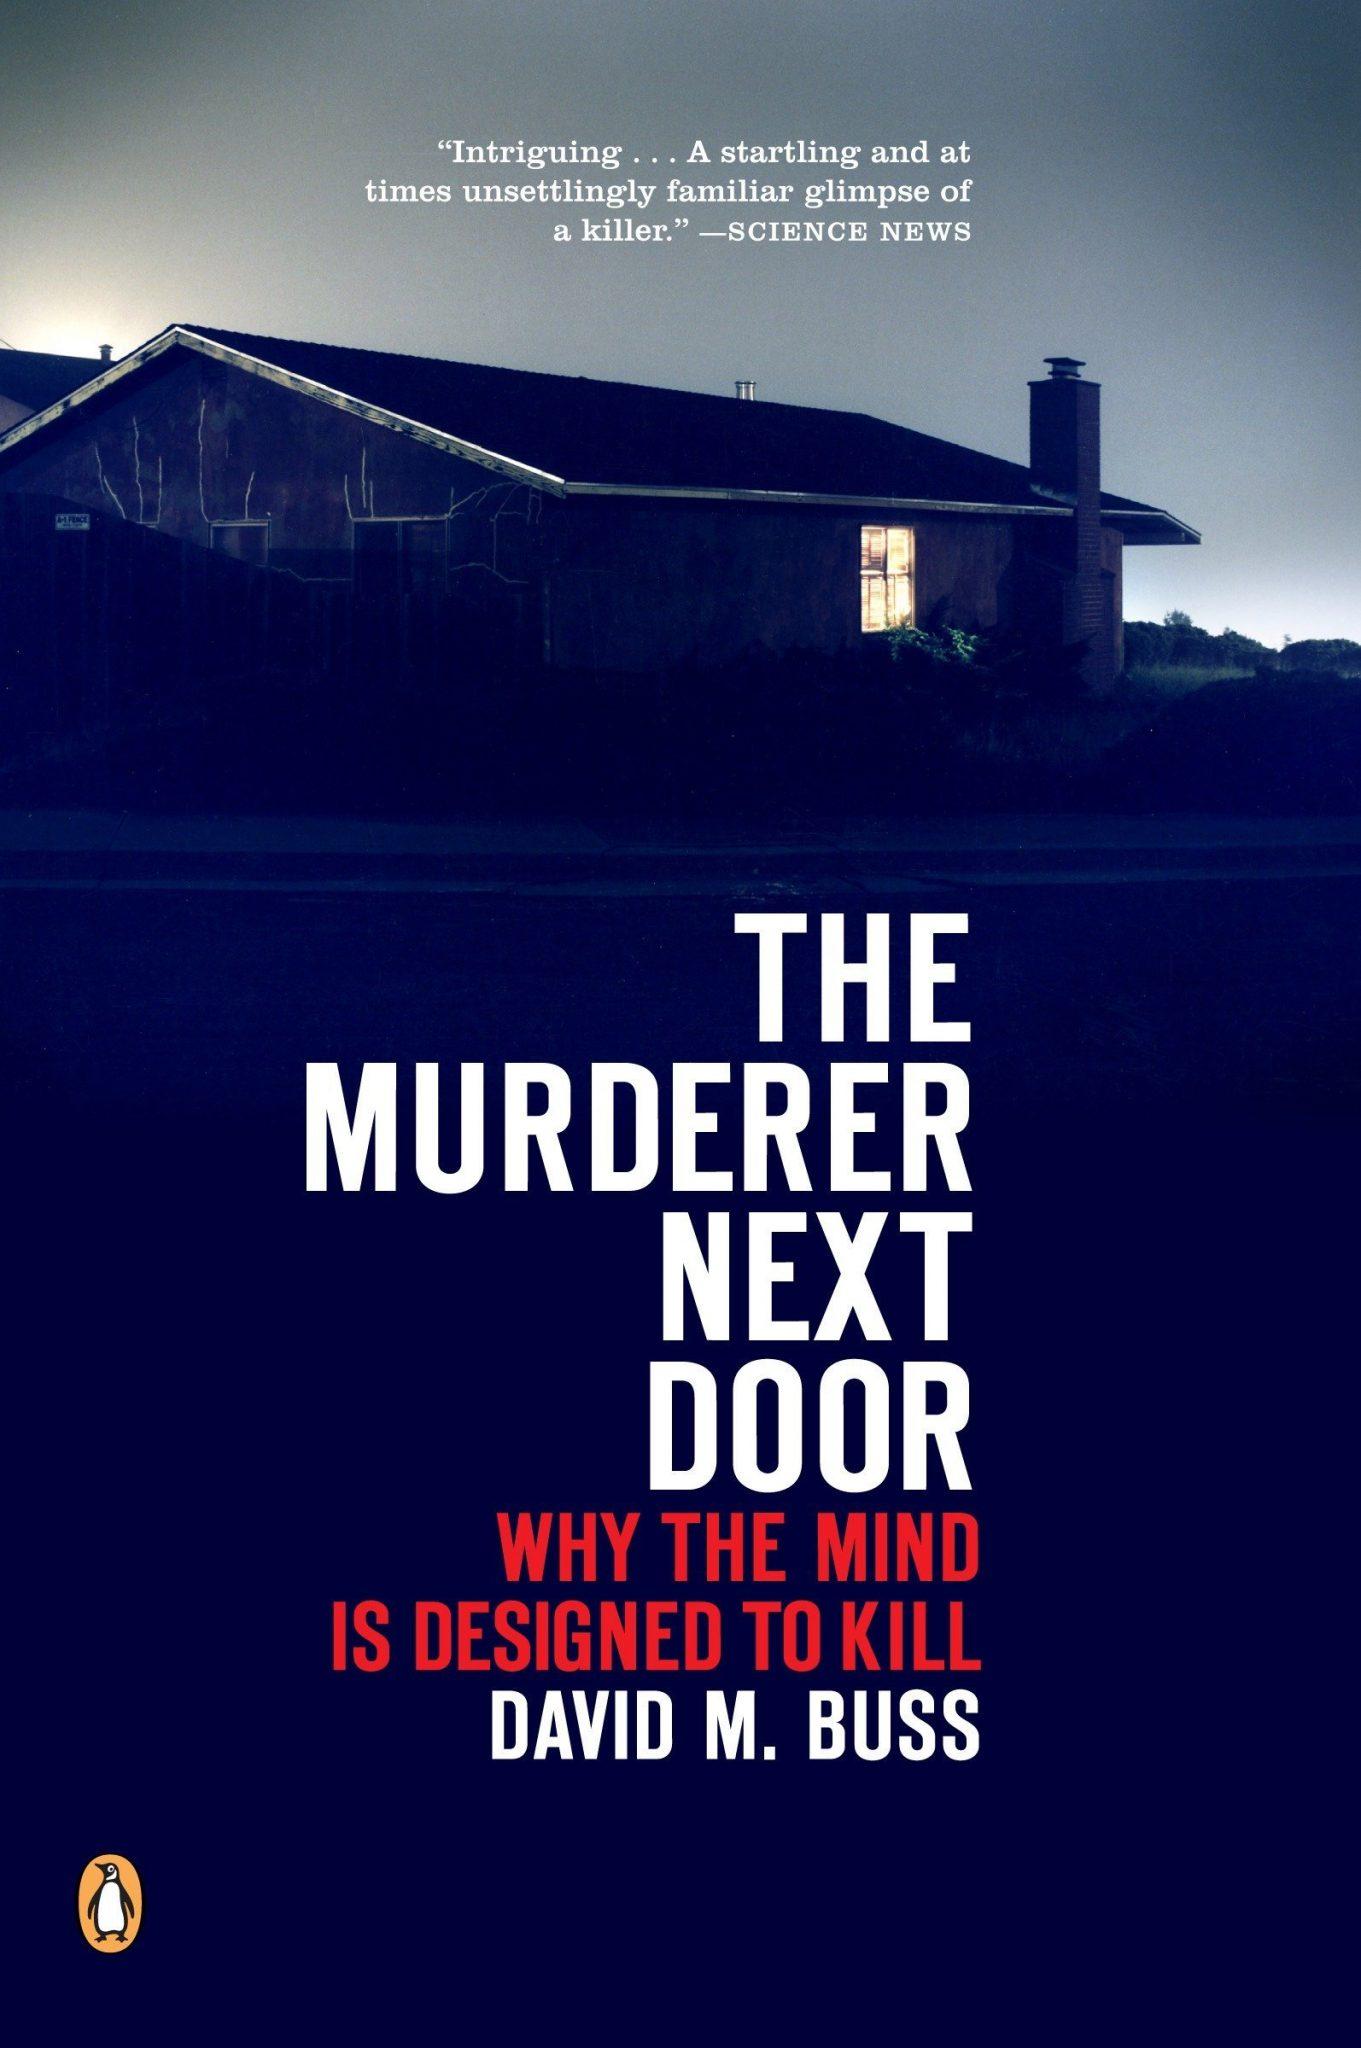 The Murderer Next Door couverture livre